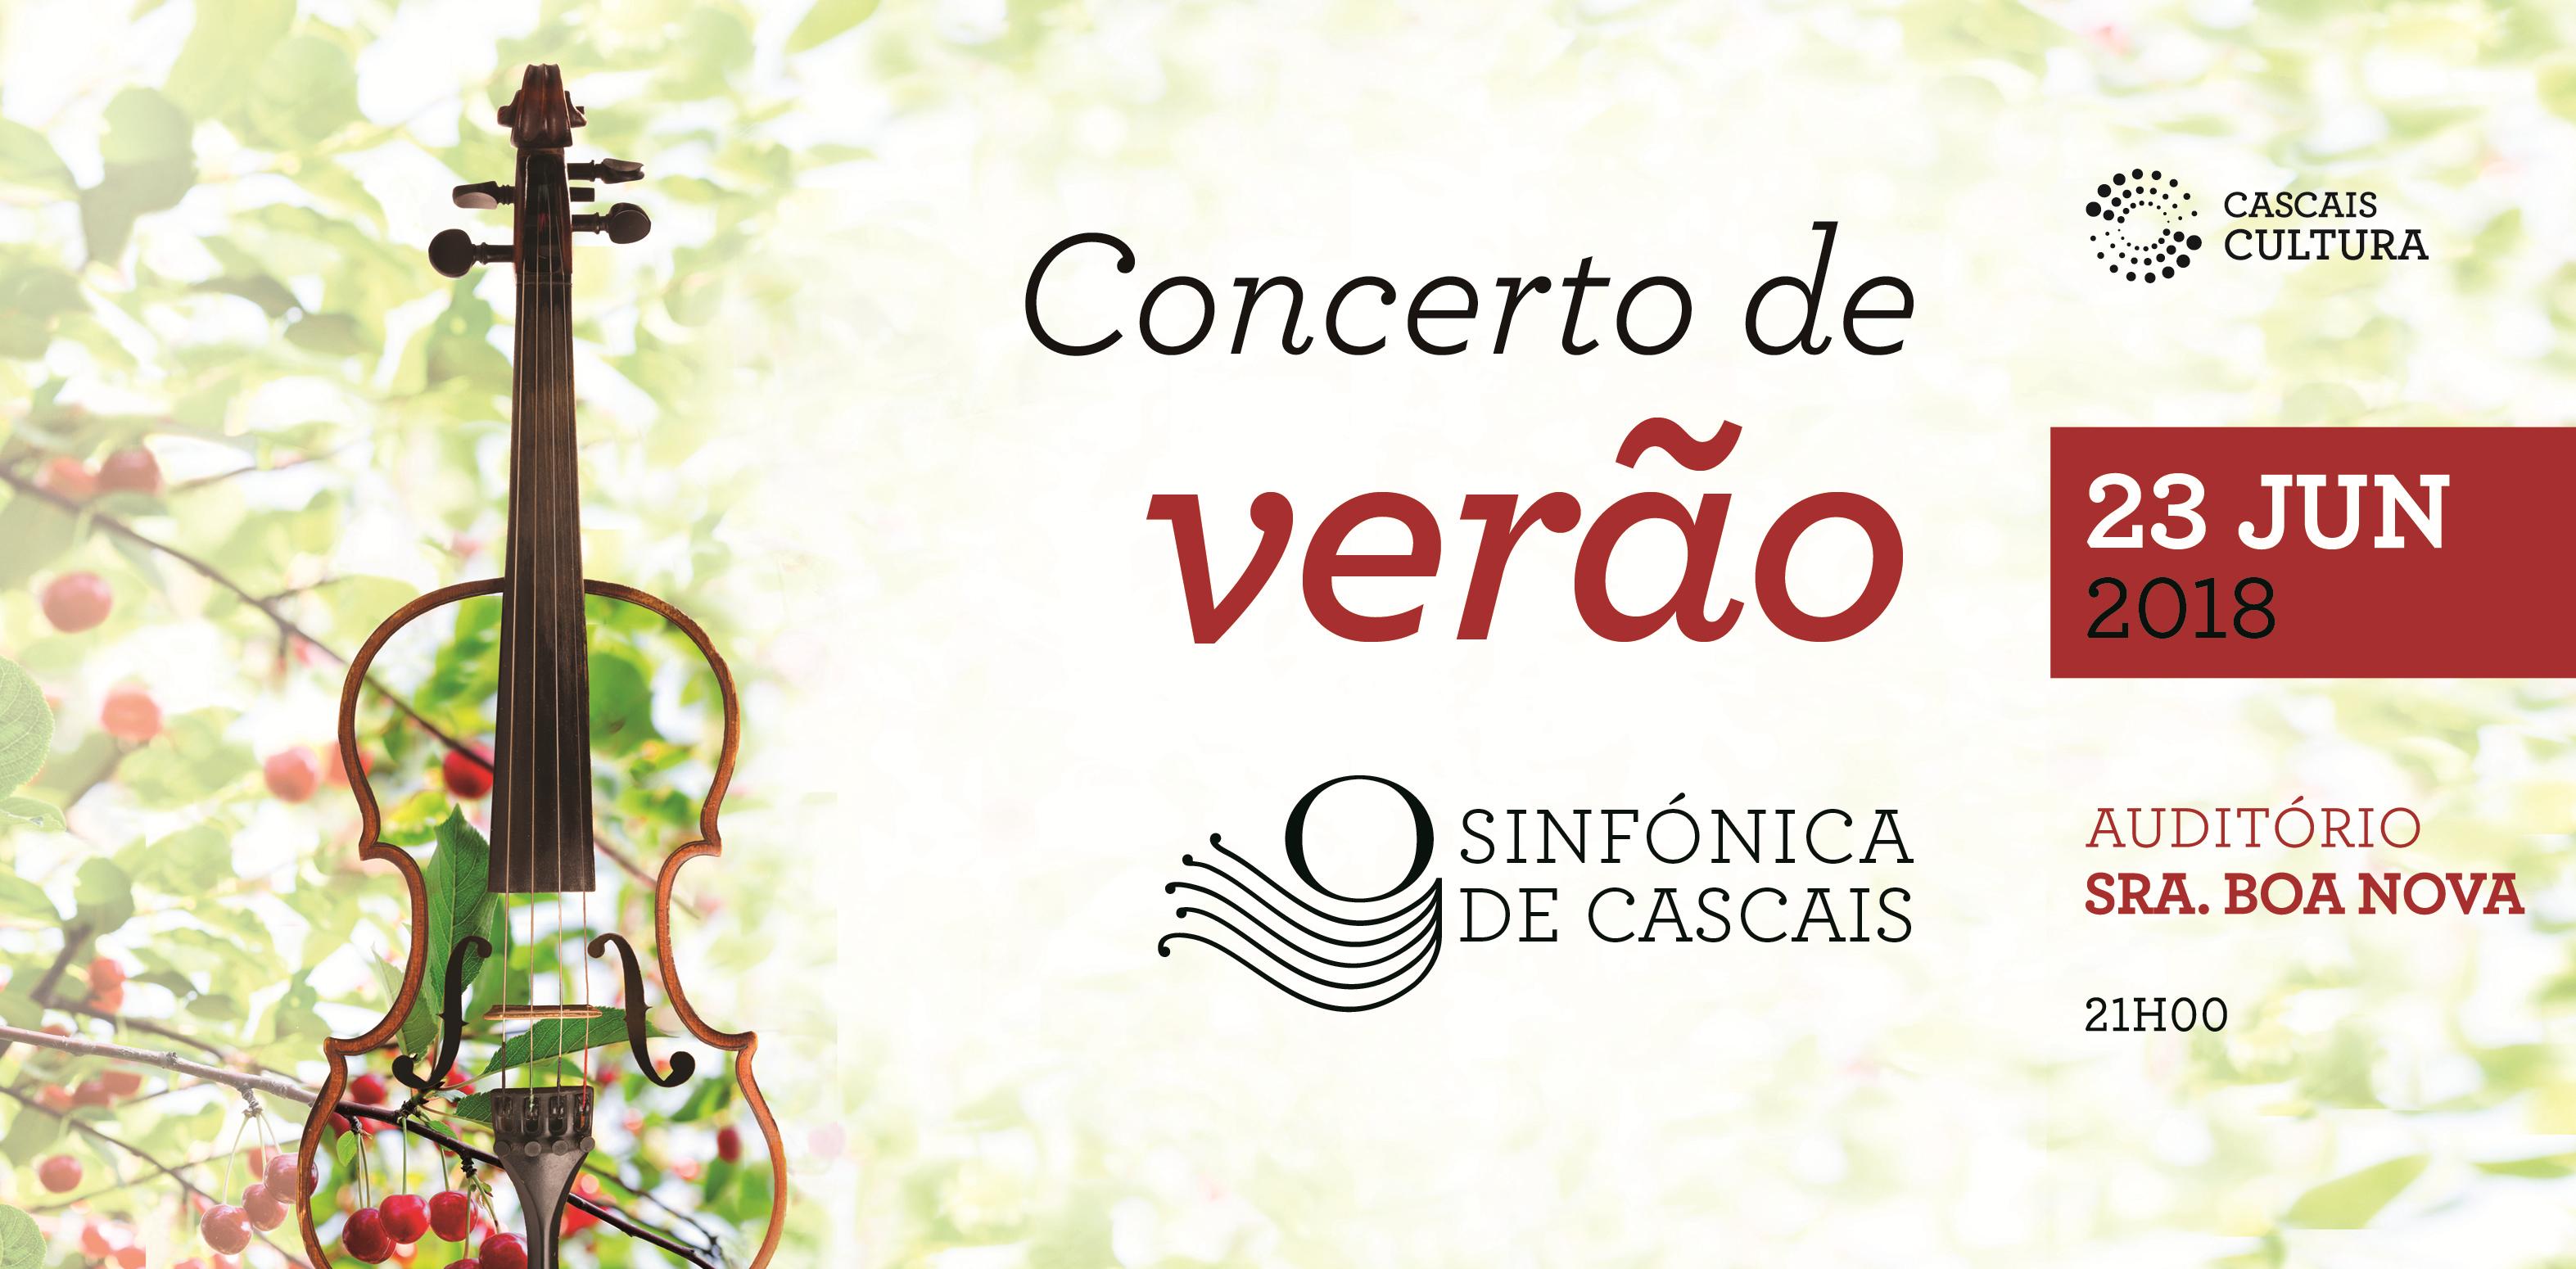 Concerto de Verão 2018 | Sinfónica de Cascais